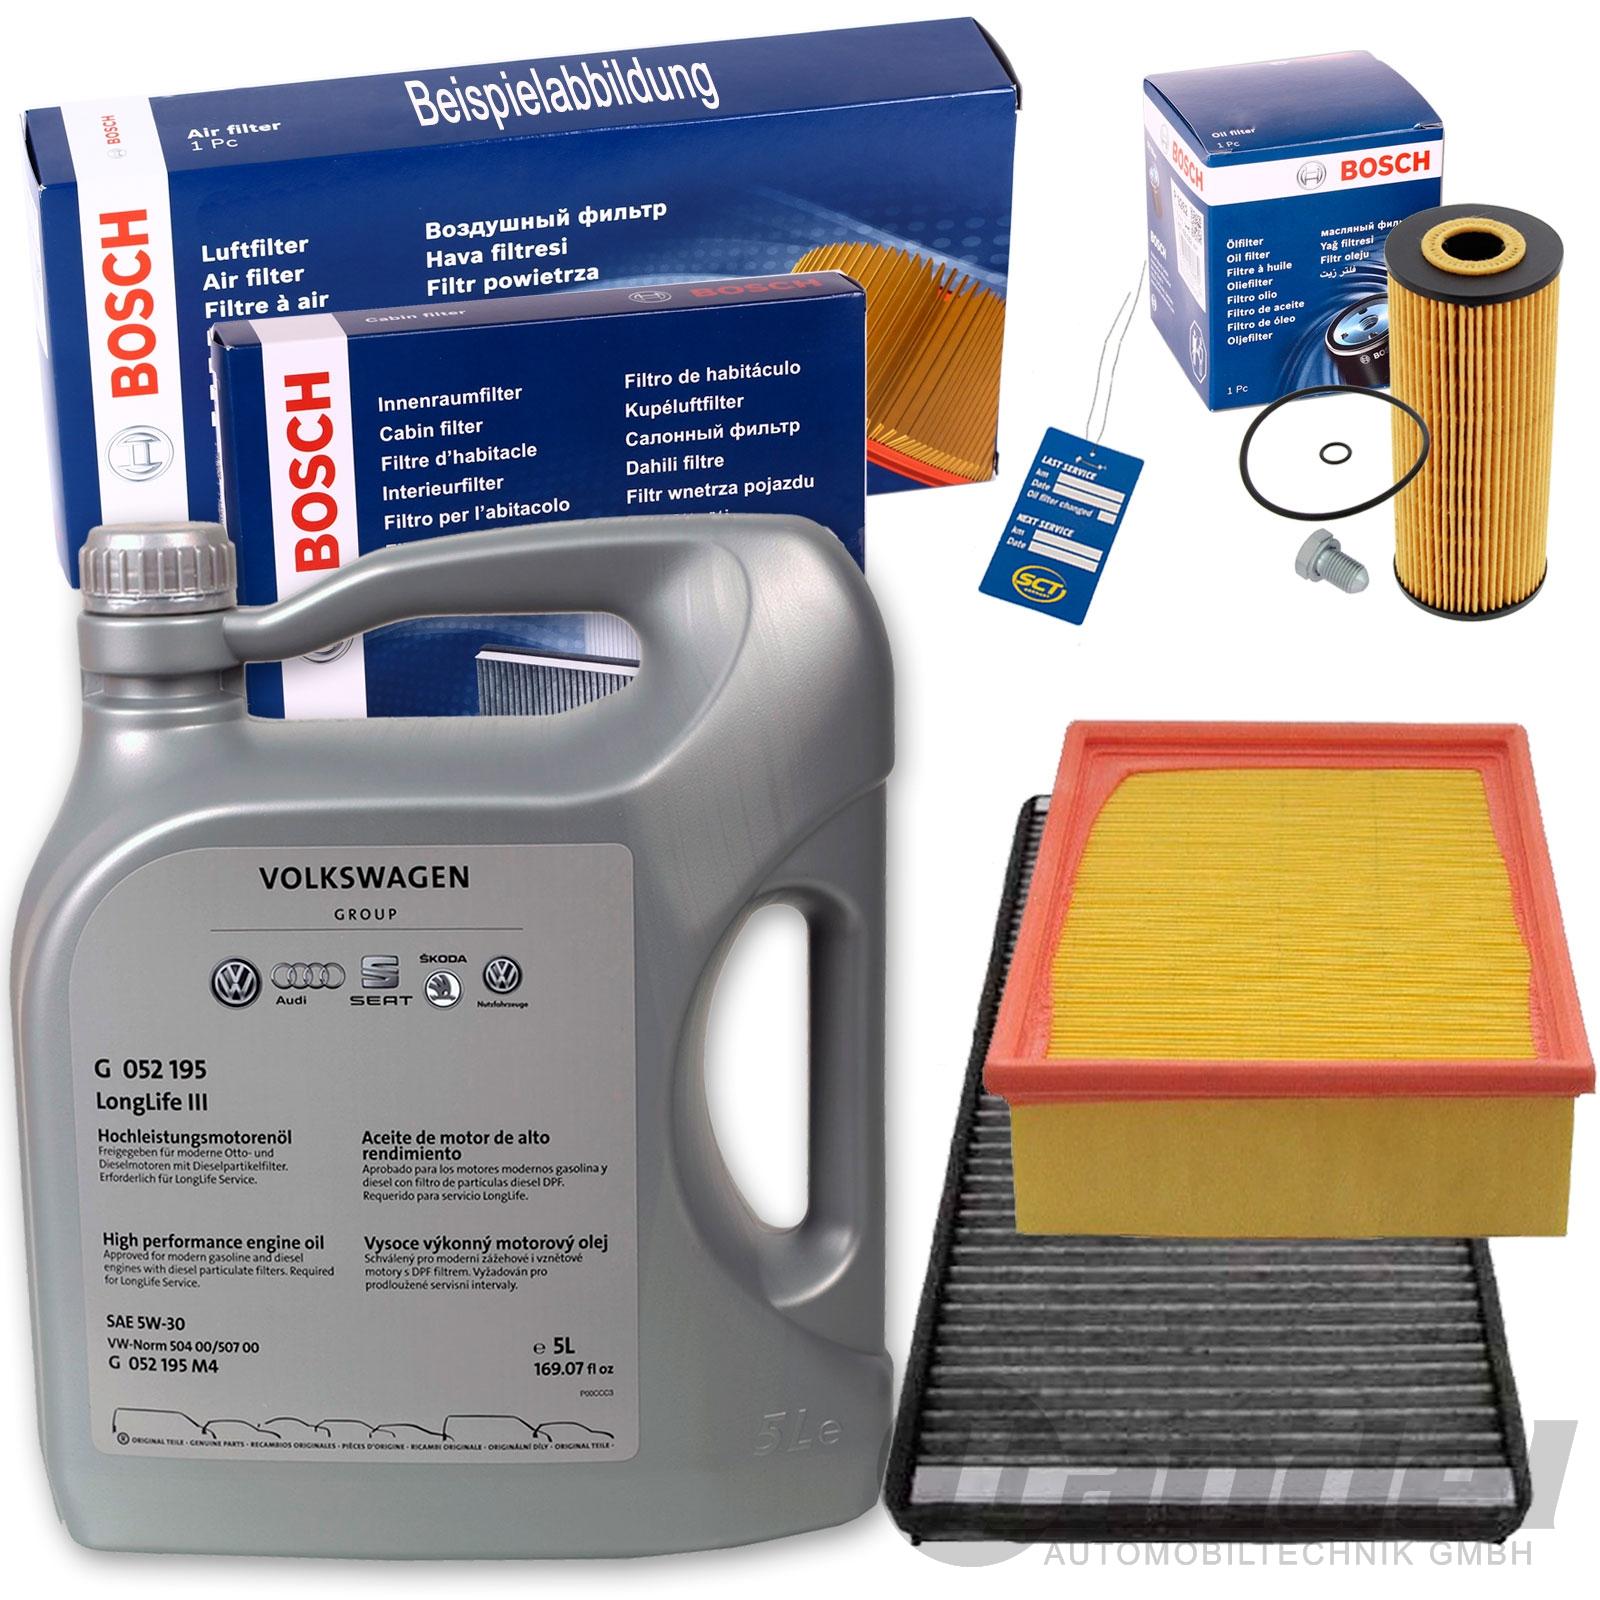 bosch filter inspektions set paket 5w30 motor l 1 9 tdi vw. Black Bedroom Furniture Sets. Home Design Ideas